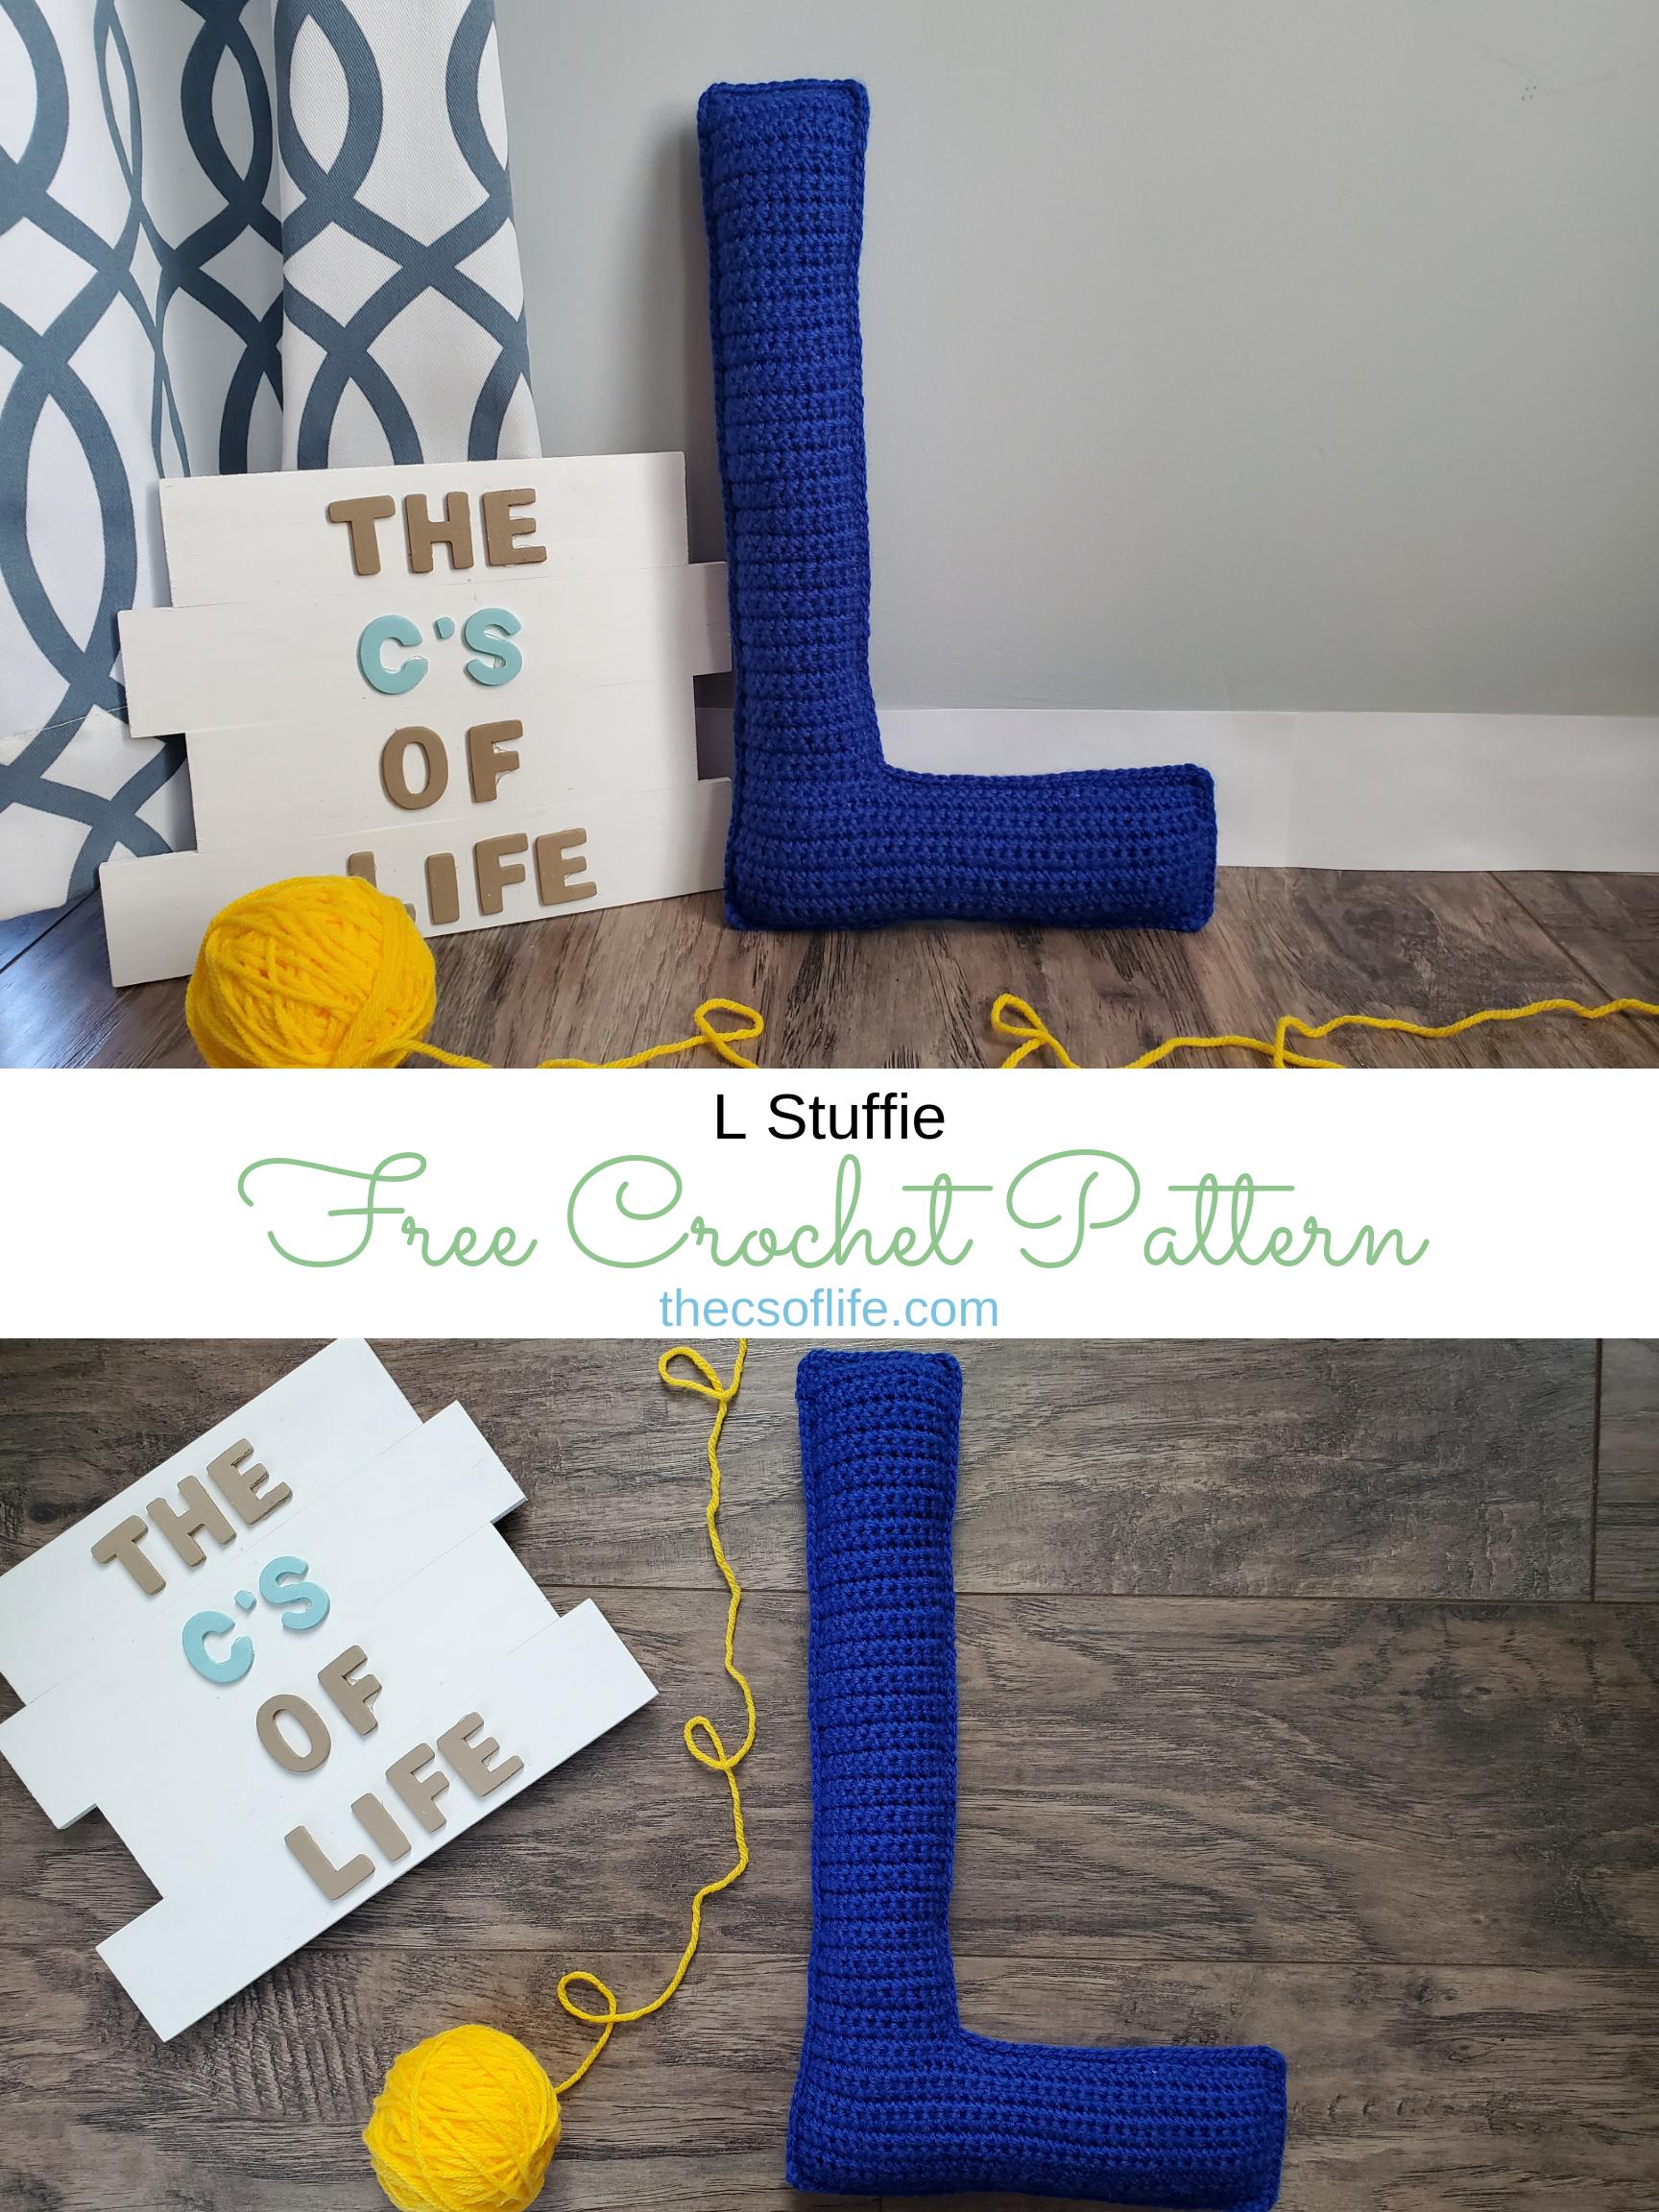 L Stuffie - Free Crochet Pattern